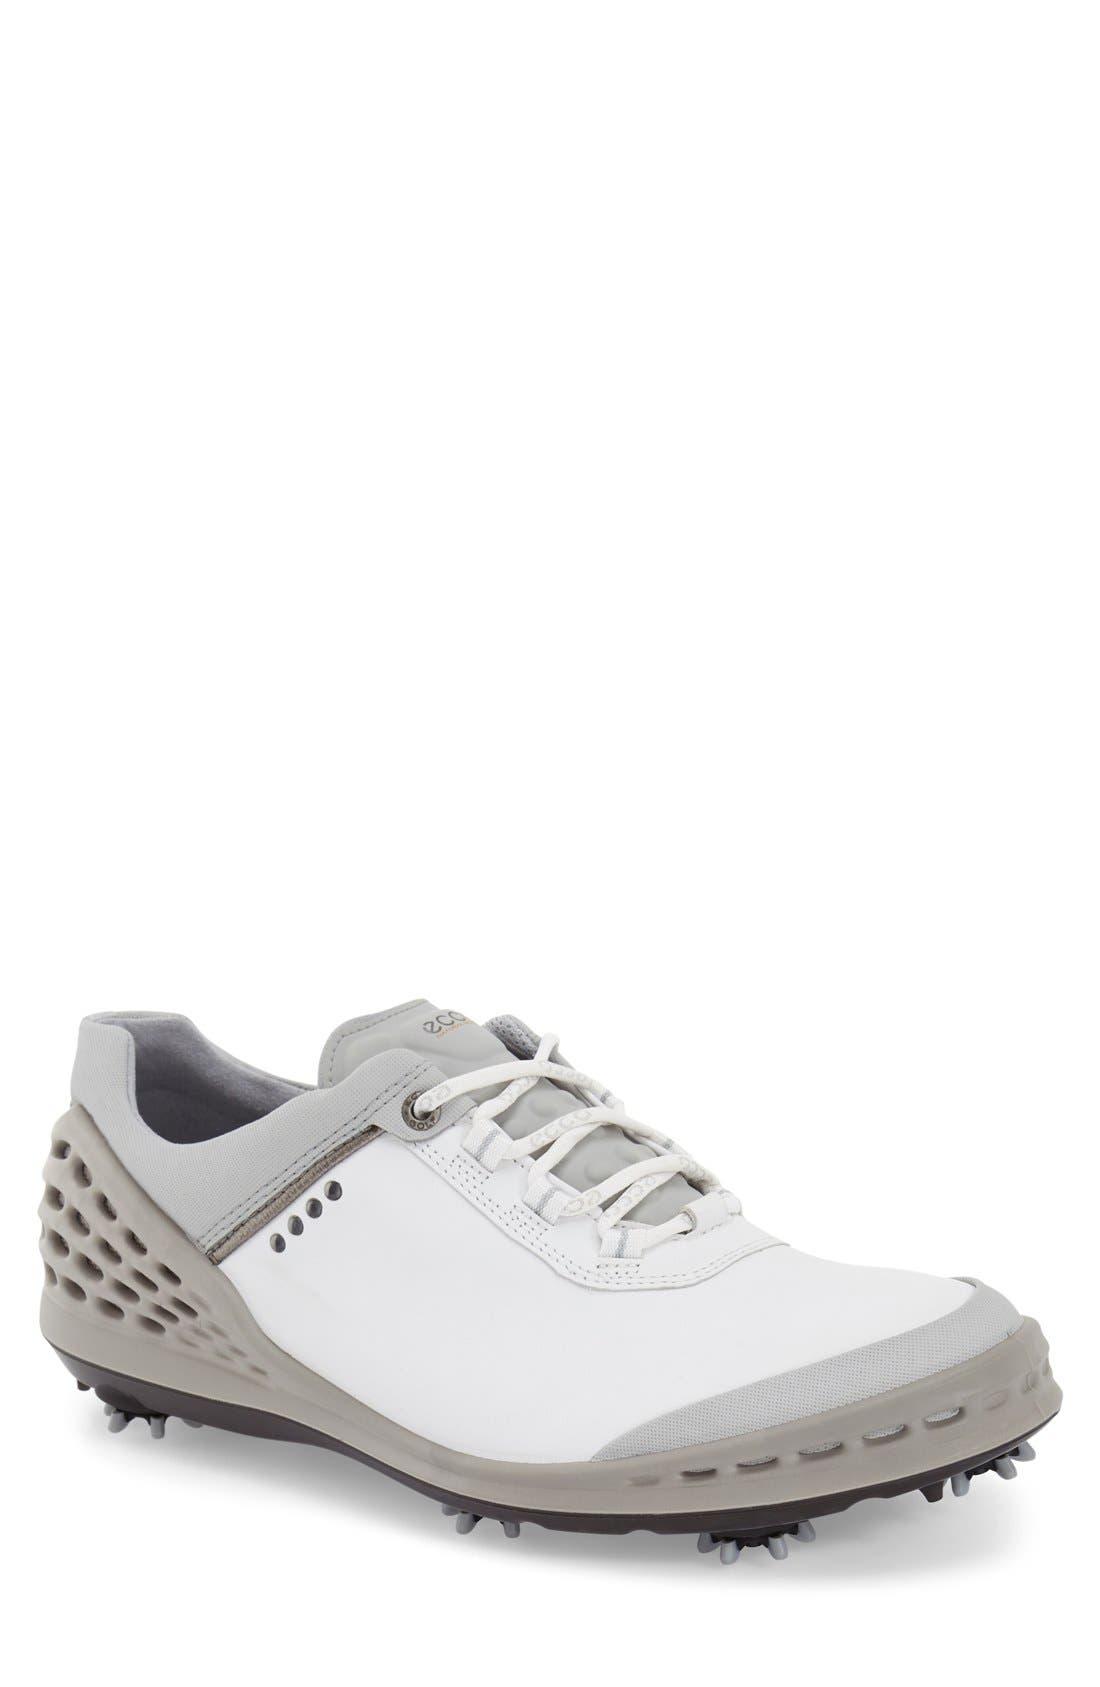 ECCO Cage Golf Shoe